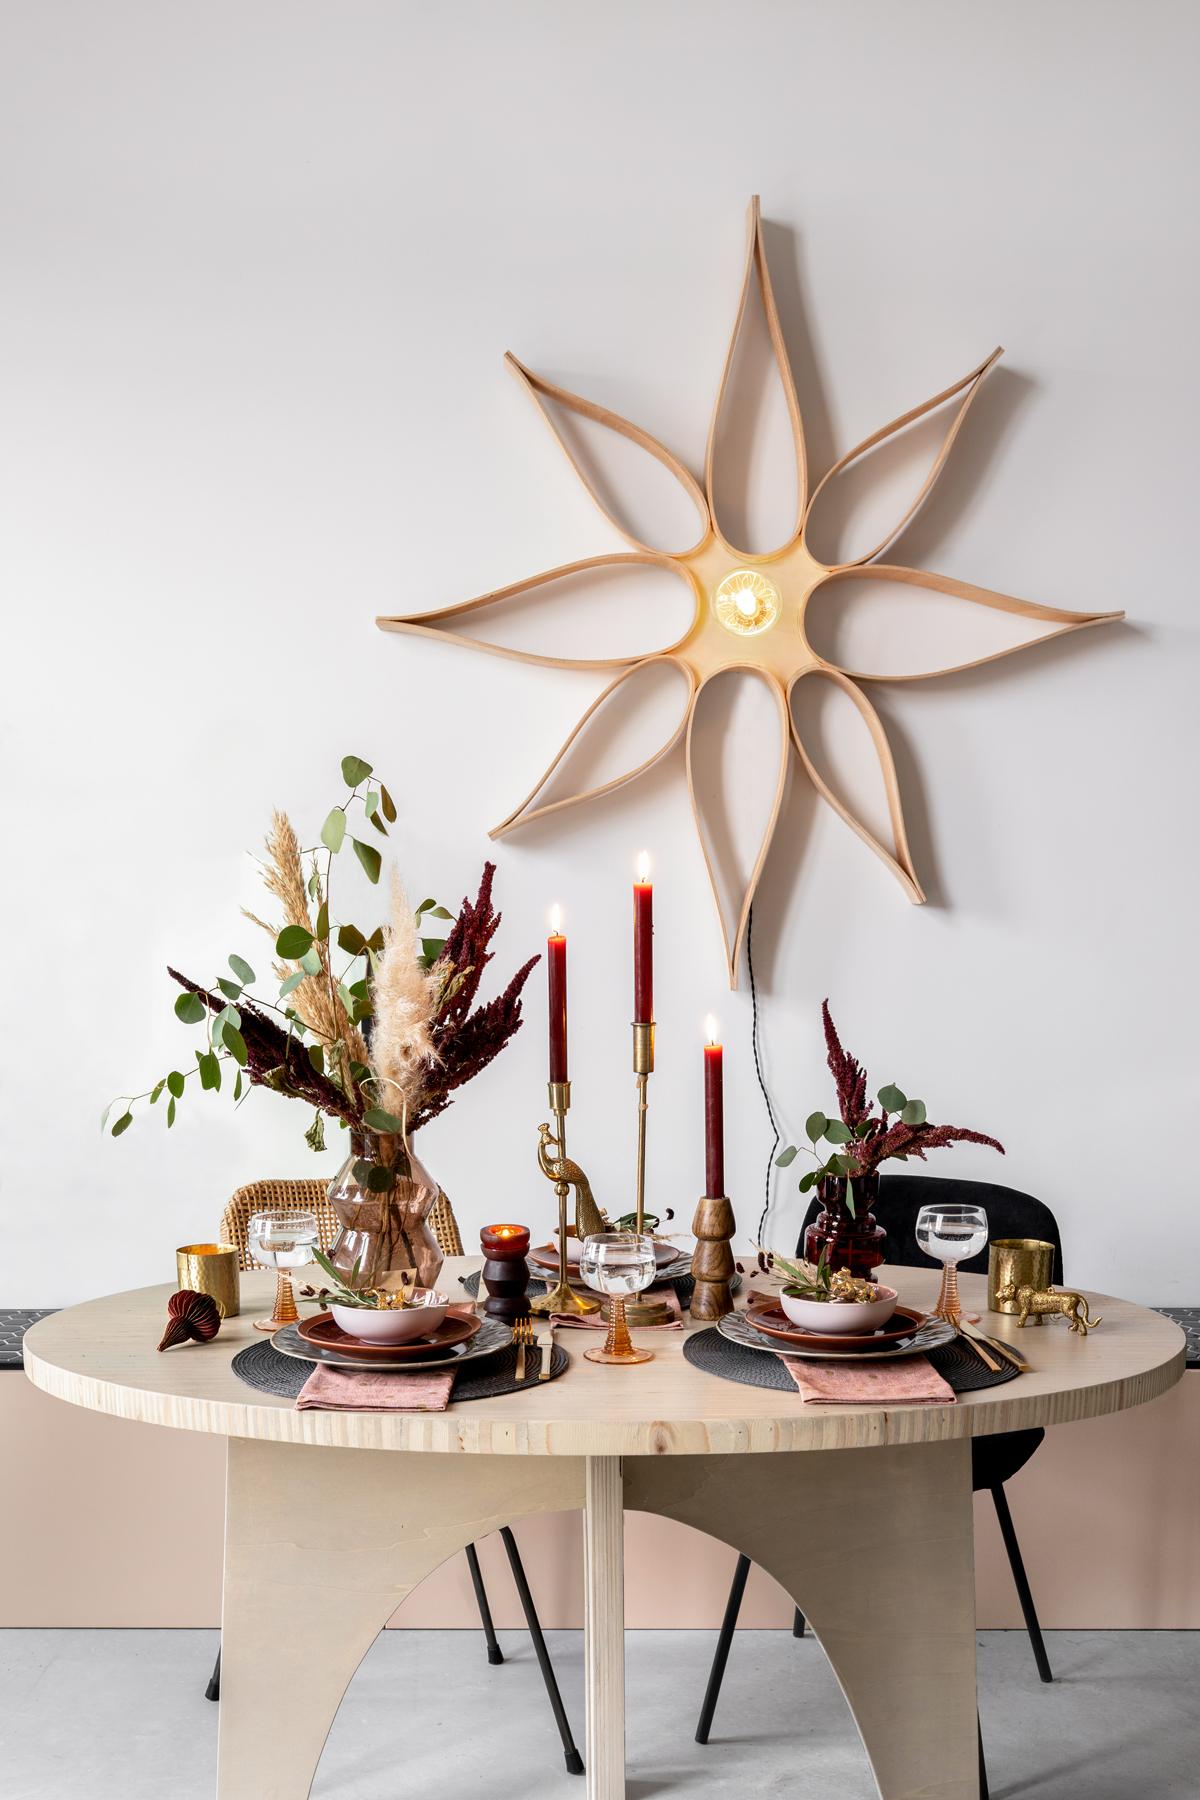 kerst tafelstyling kersttafel- Tanja van Hoogdalem